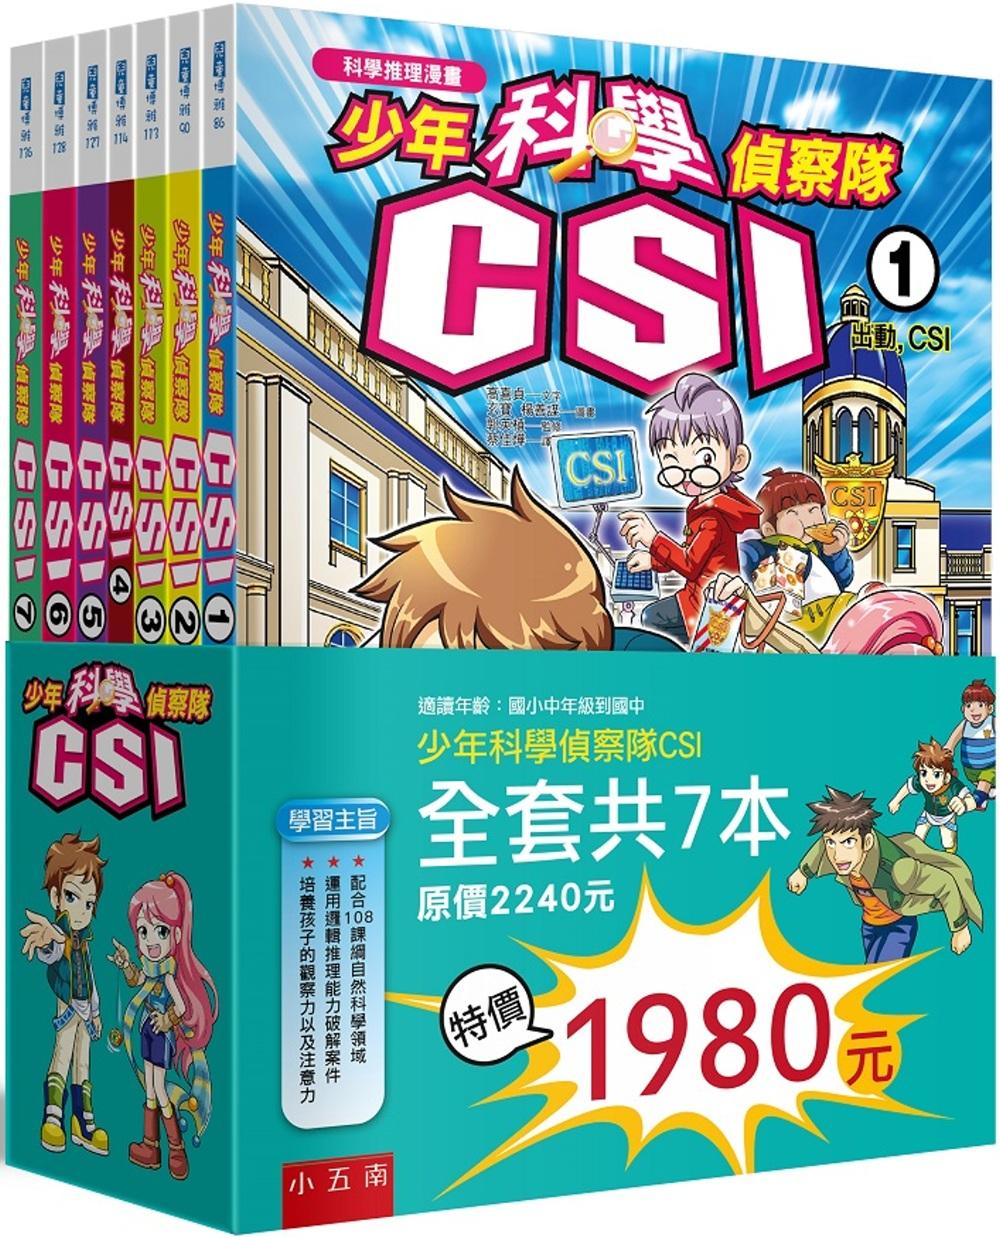 少年科學偵察隊CSI套書(2版...